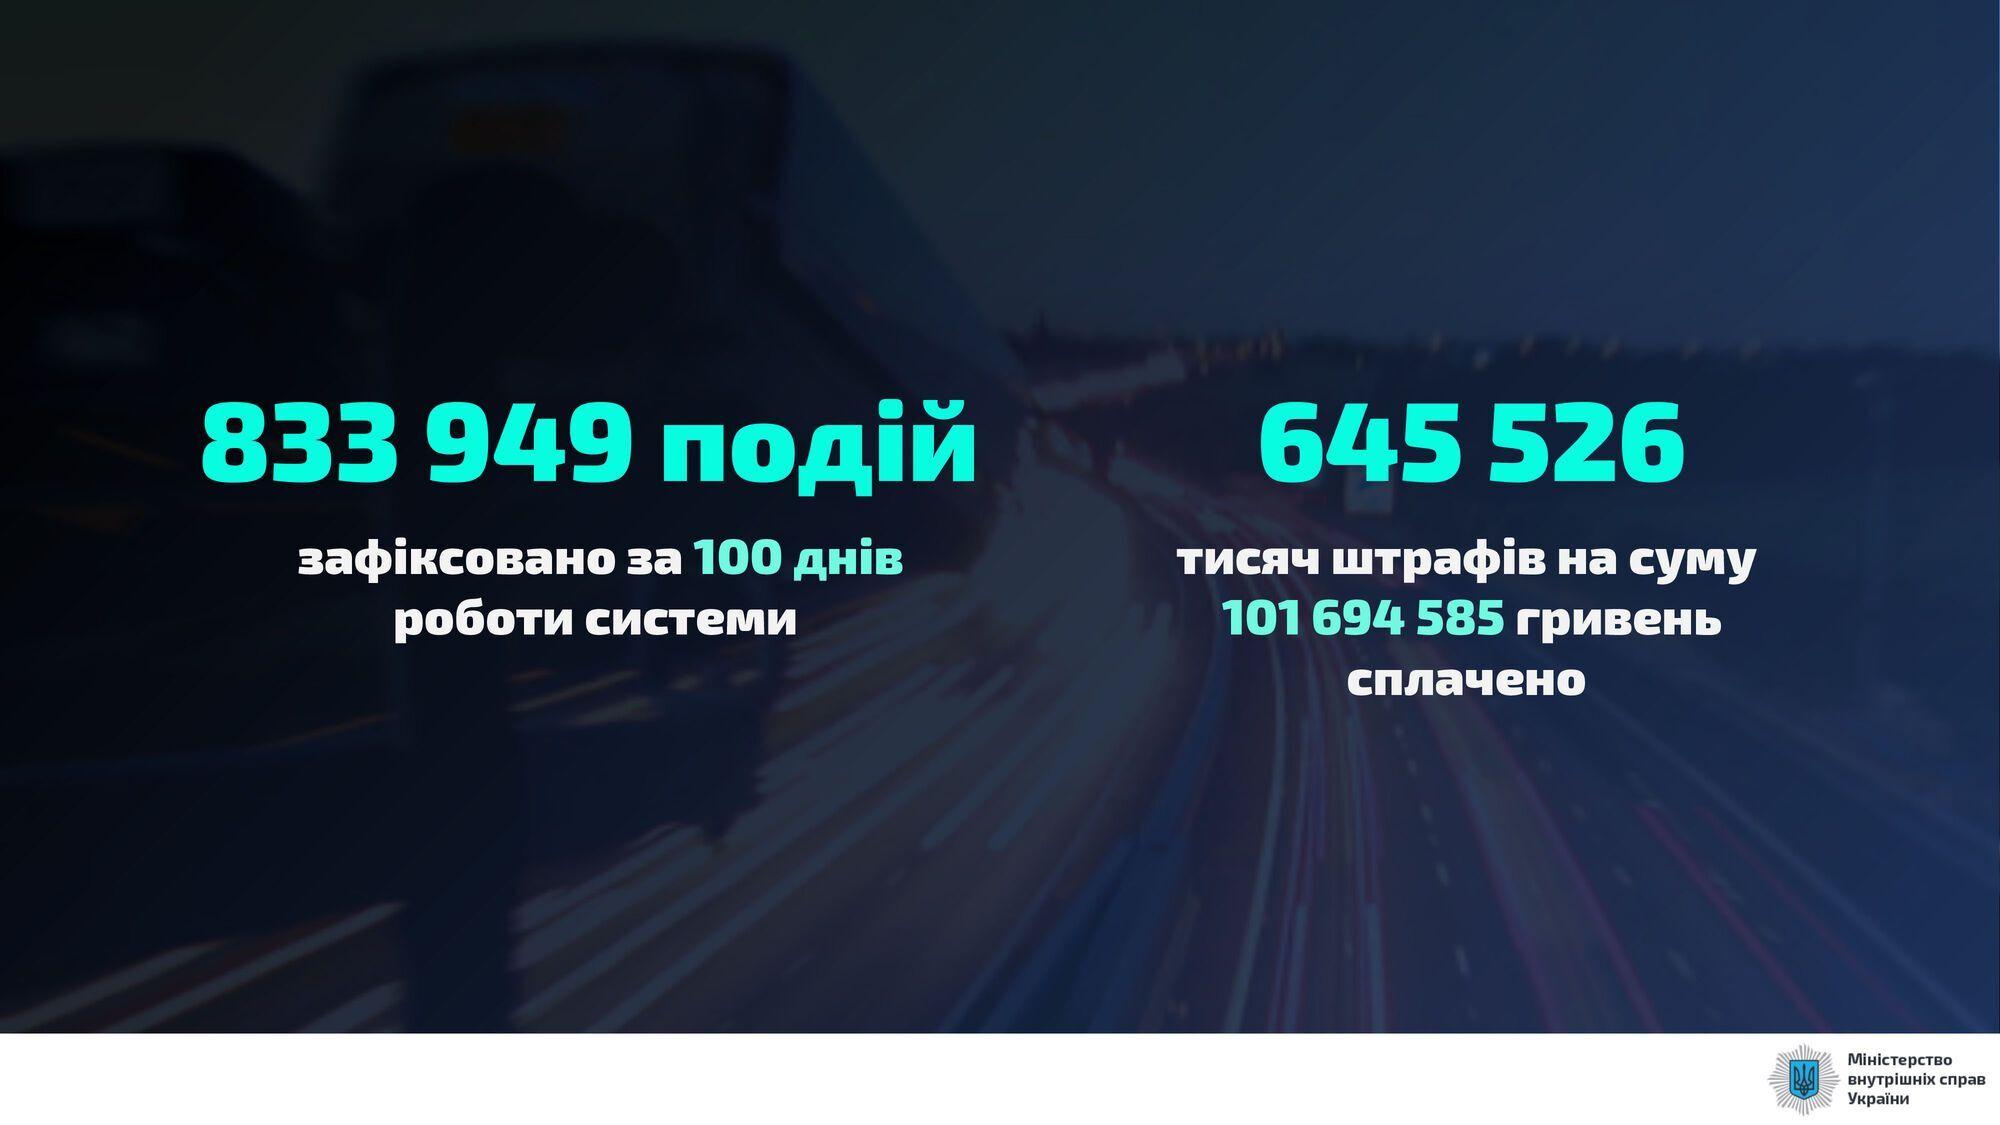 Правоохранители вынесли 833 849 постановлений по результатам нарушений ПДД.